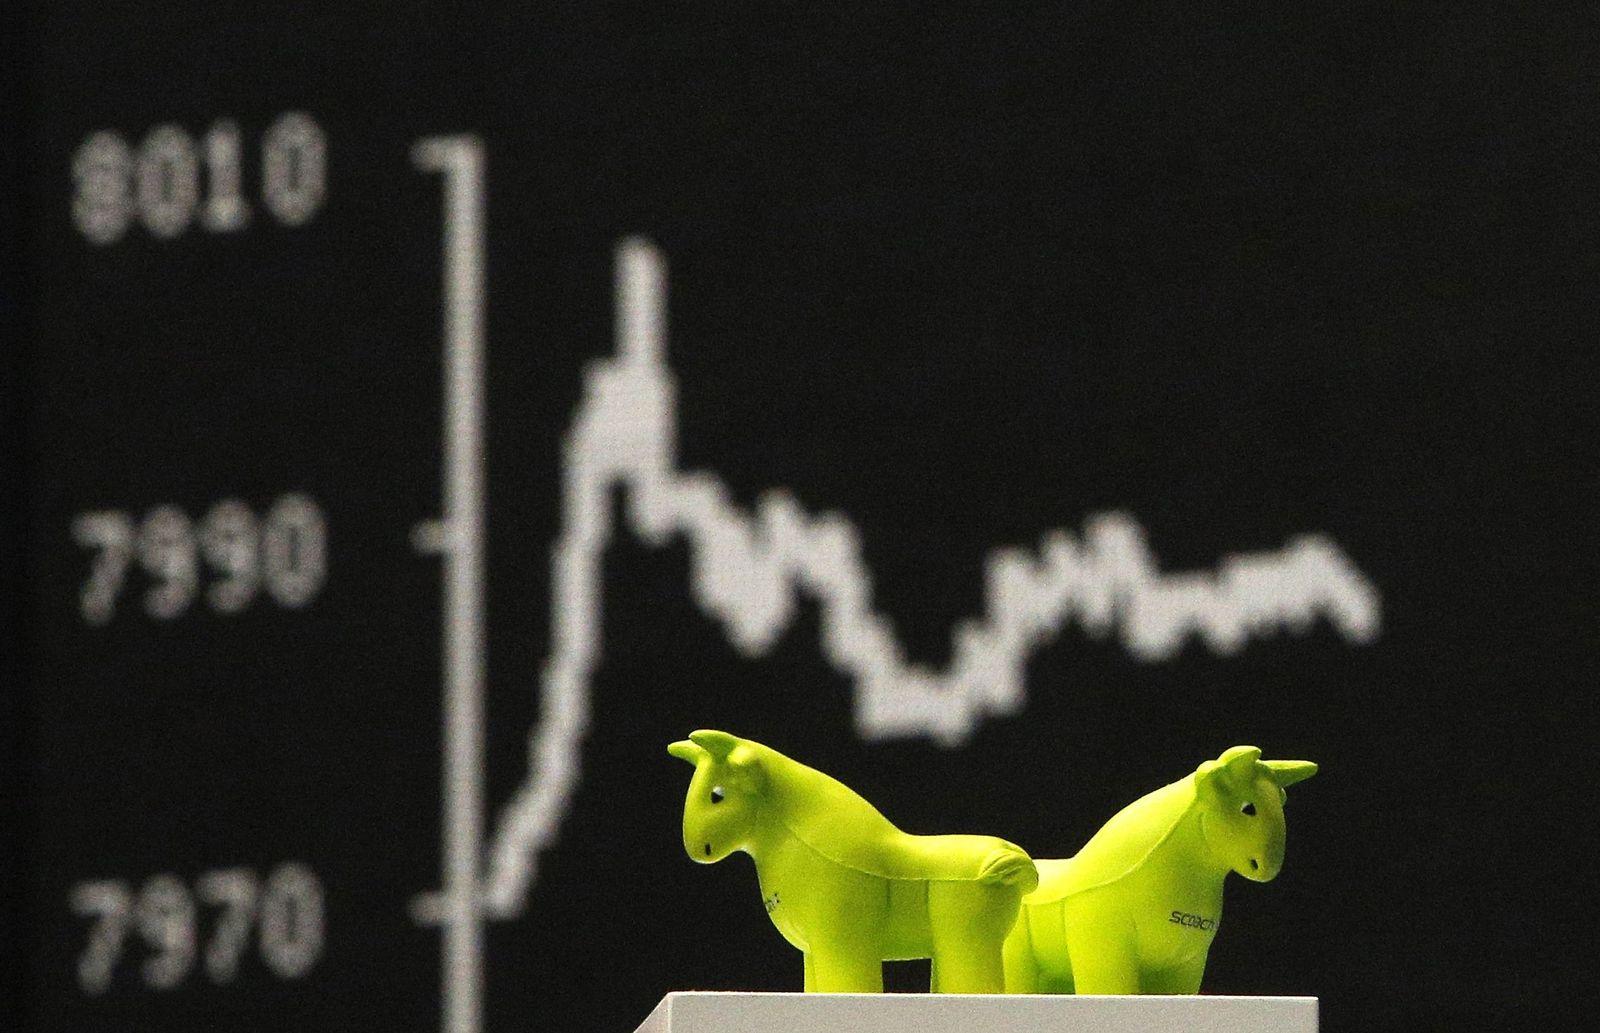 Börse / Dax / Aktie / Stand vom 08.03.2013